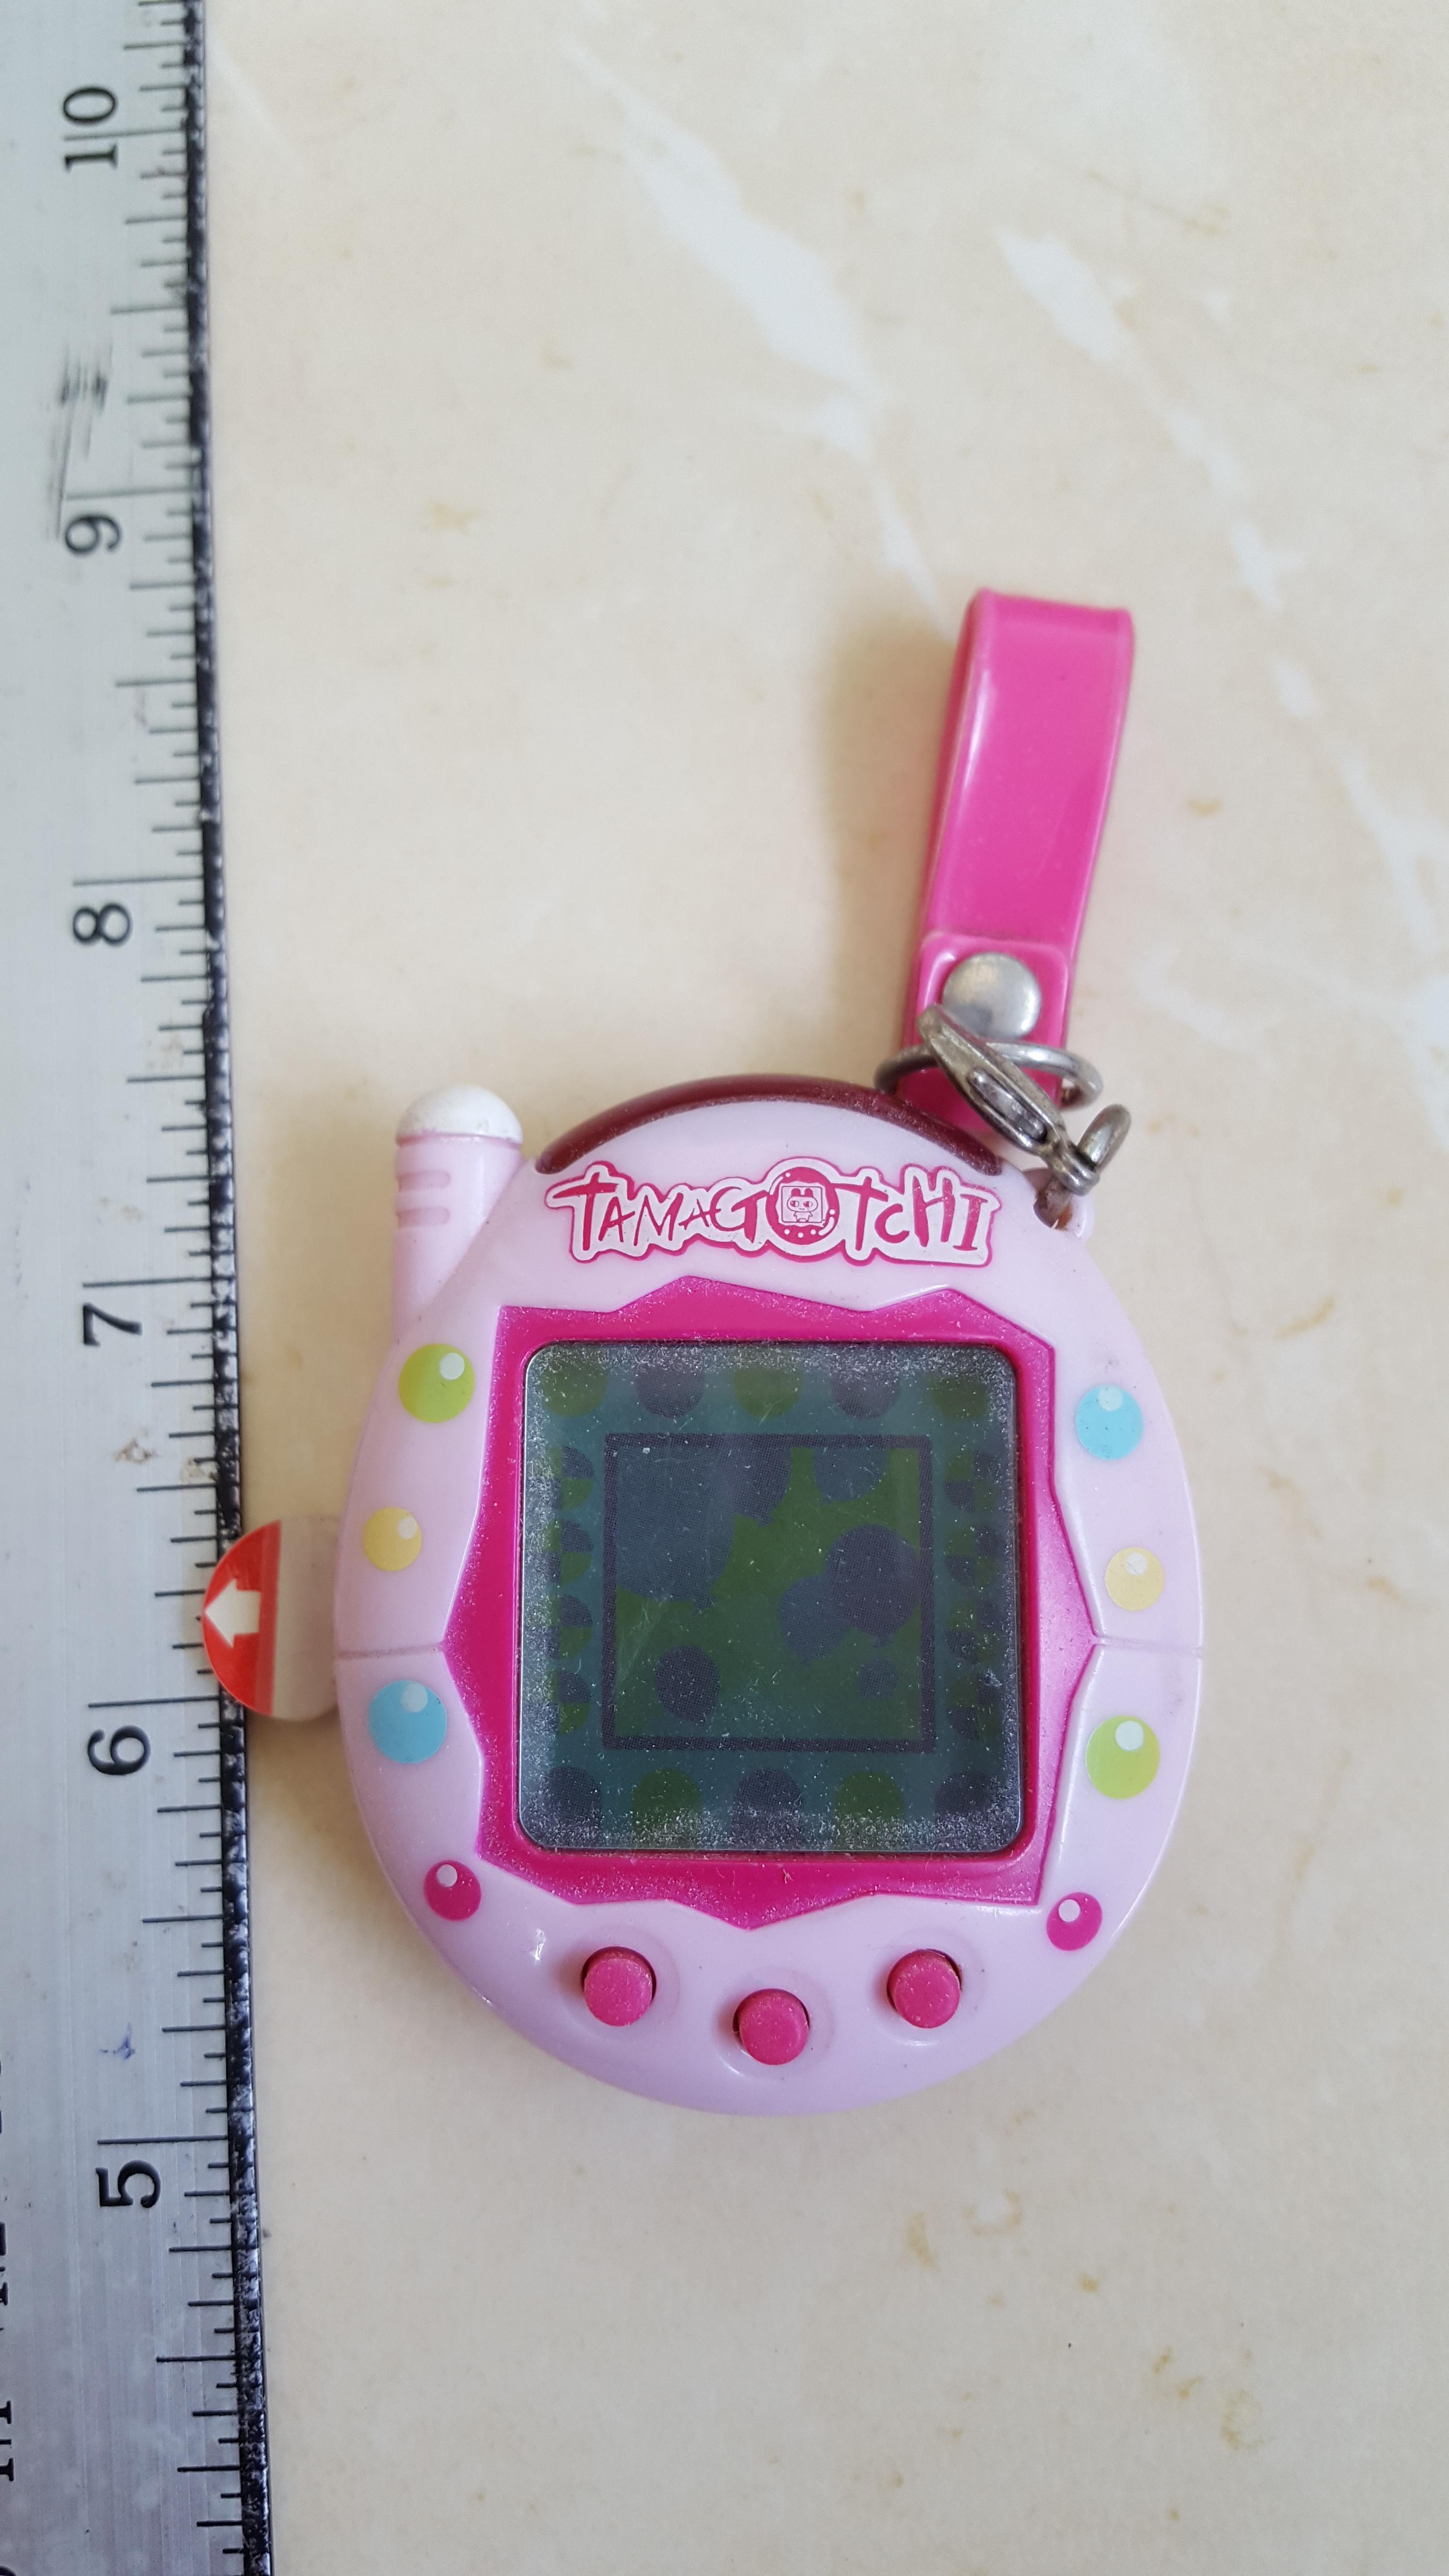 ขาย TAMAGOTCHI ปี2004 สภาพพร้อมใช้ ของเล่นเด็ก